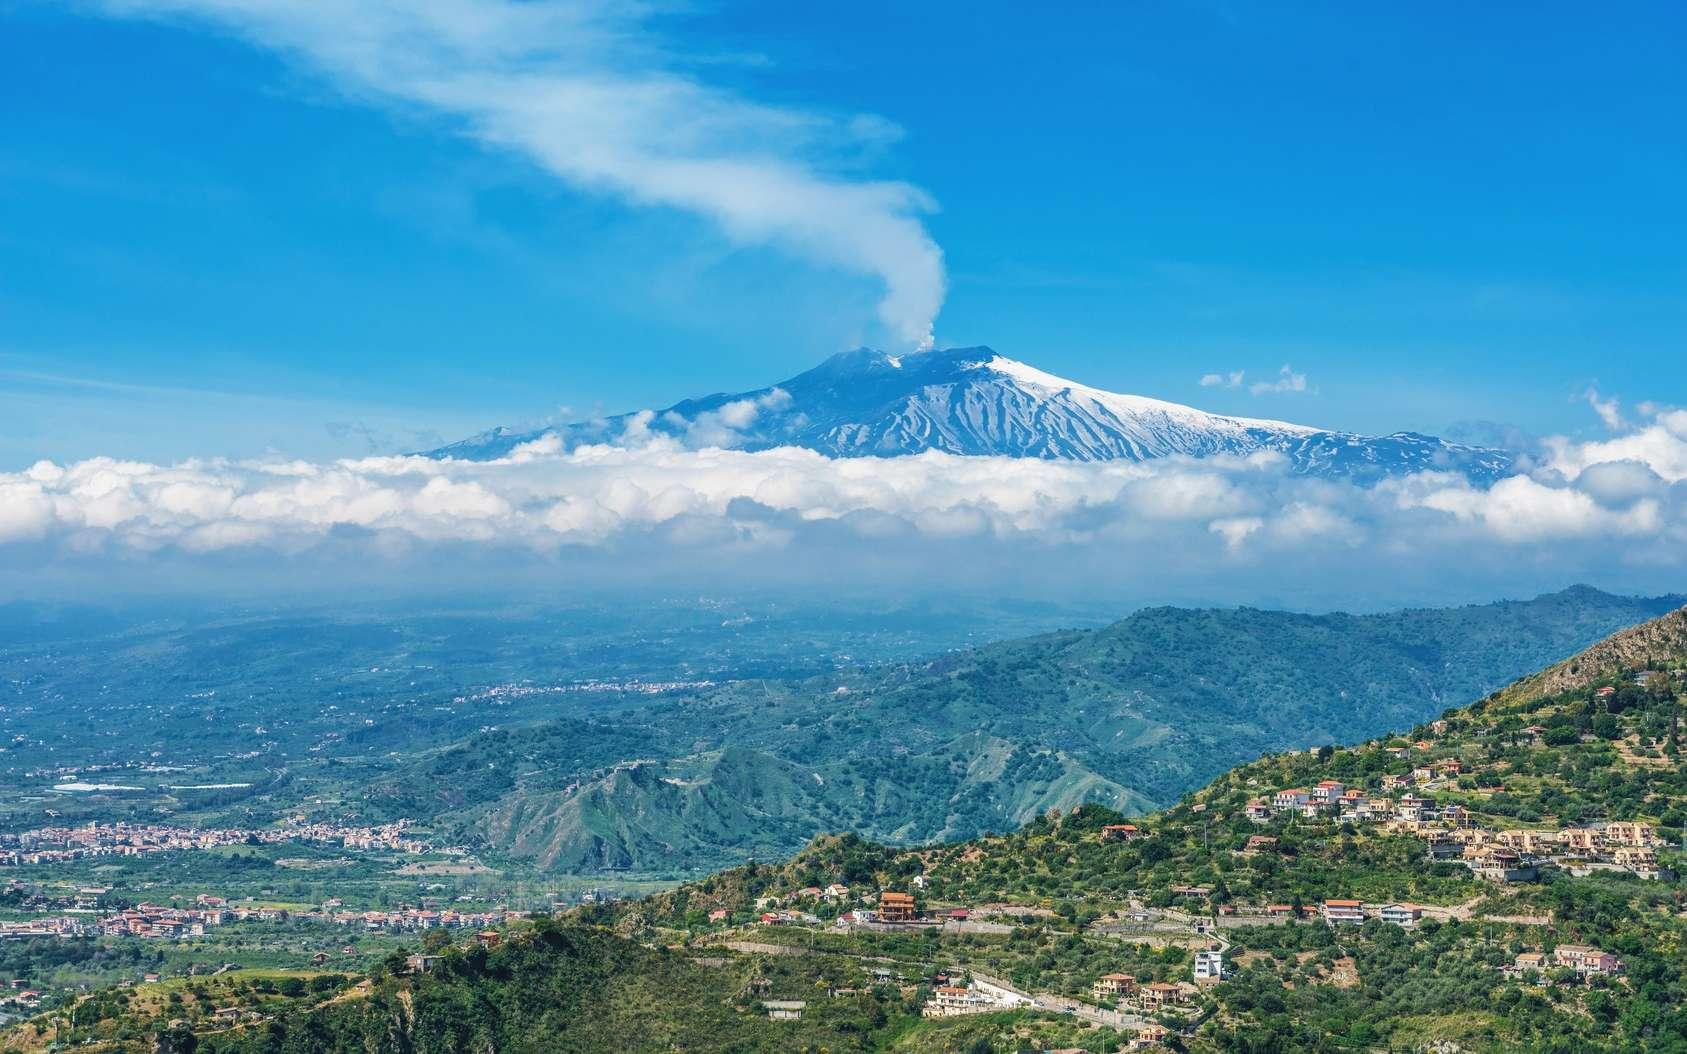 L'Etna est le plus haut et le plus actif des volcans d'Europe. © XtravaganT, Fotolia